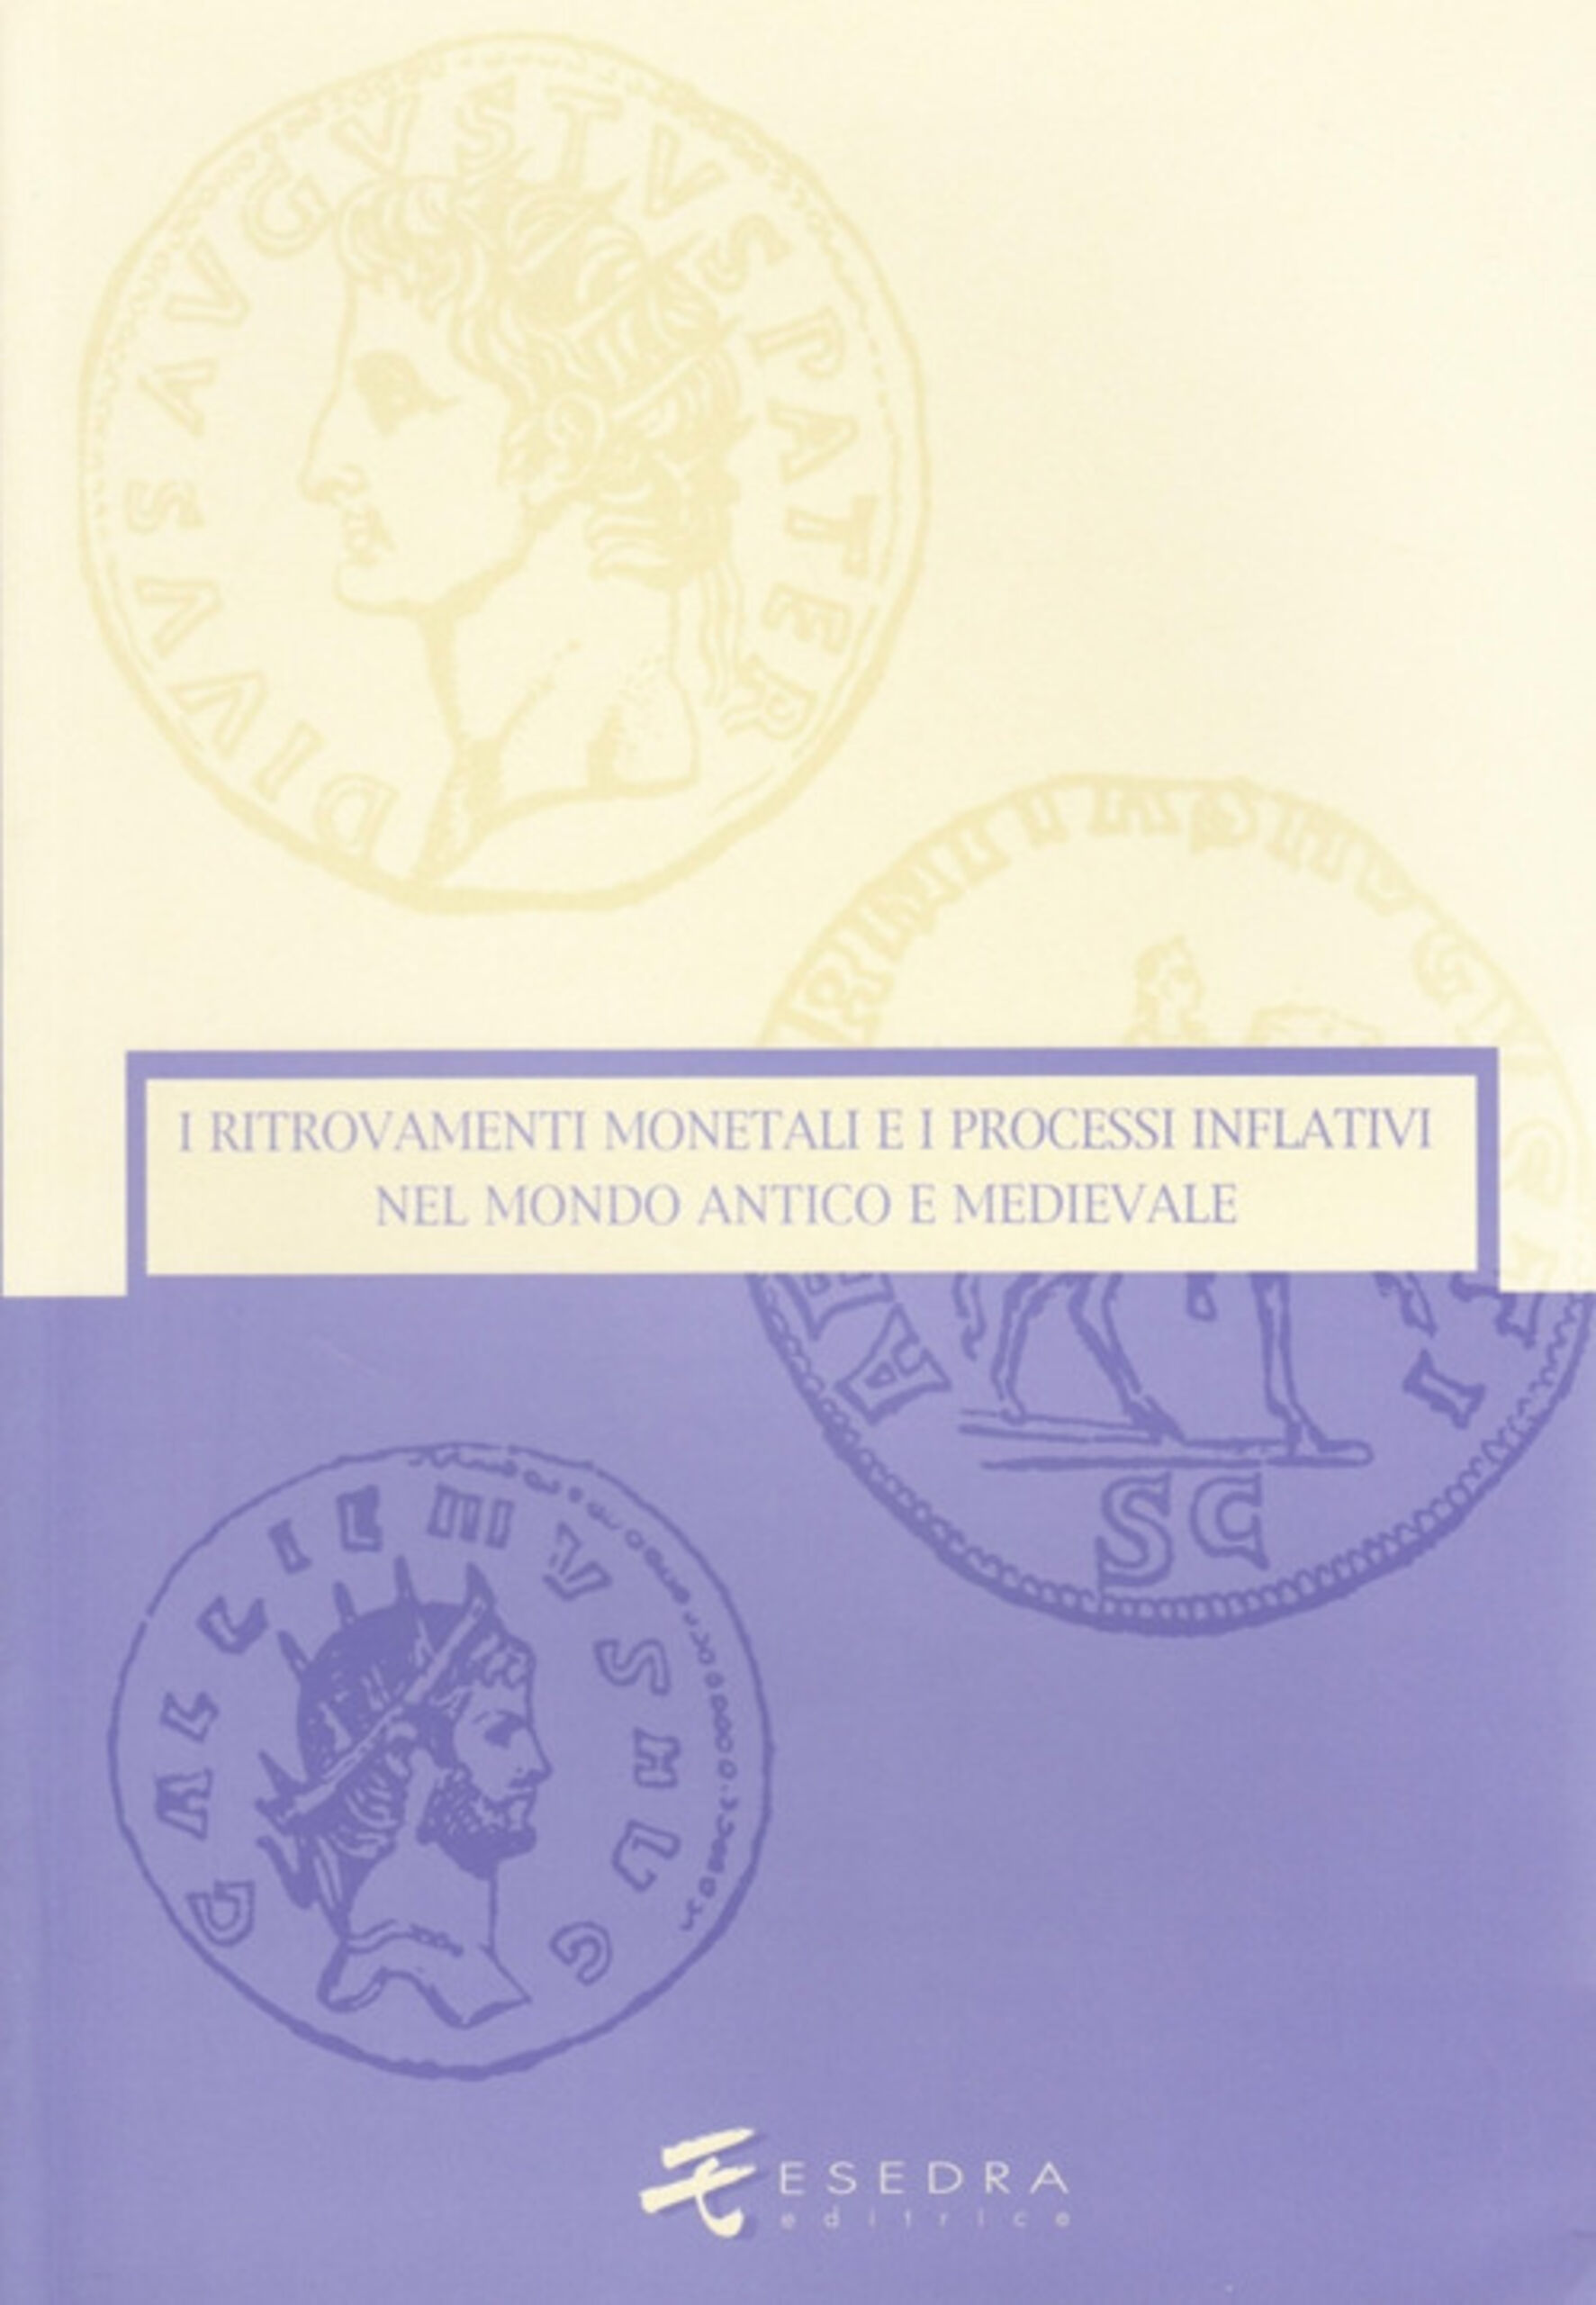 I ritrovamenti monetali e i processi inflativi nel mondo antico e medievale